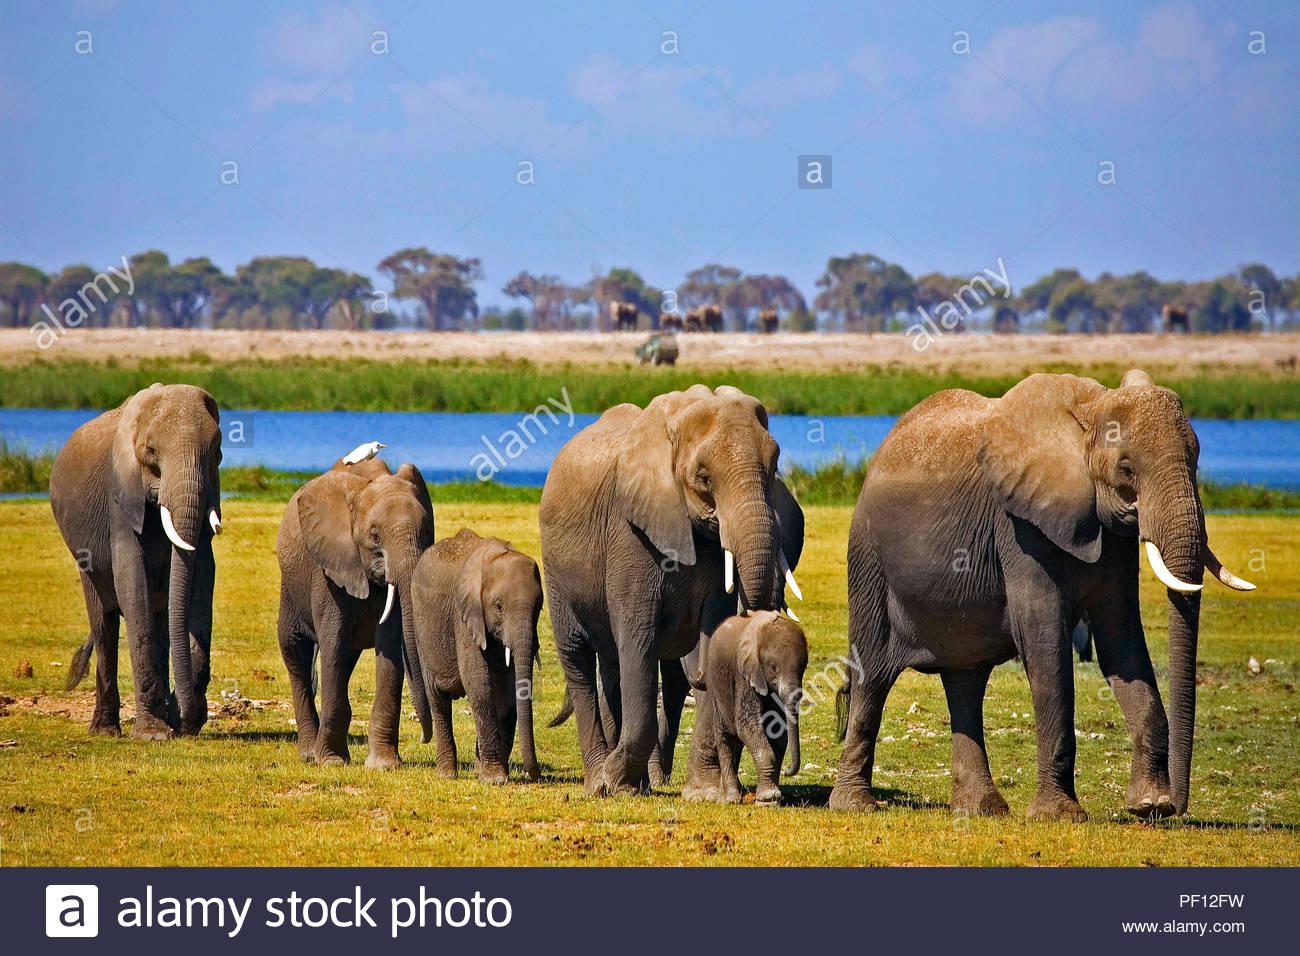 African bush elephant or African elephant (Loxodonta africana), Amboseli Nationalpark, Kenya - Stock Image